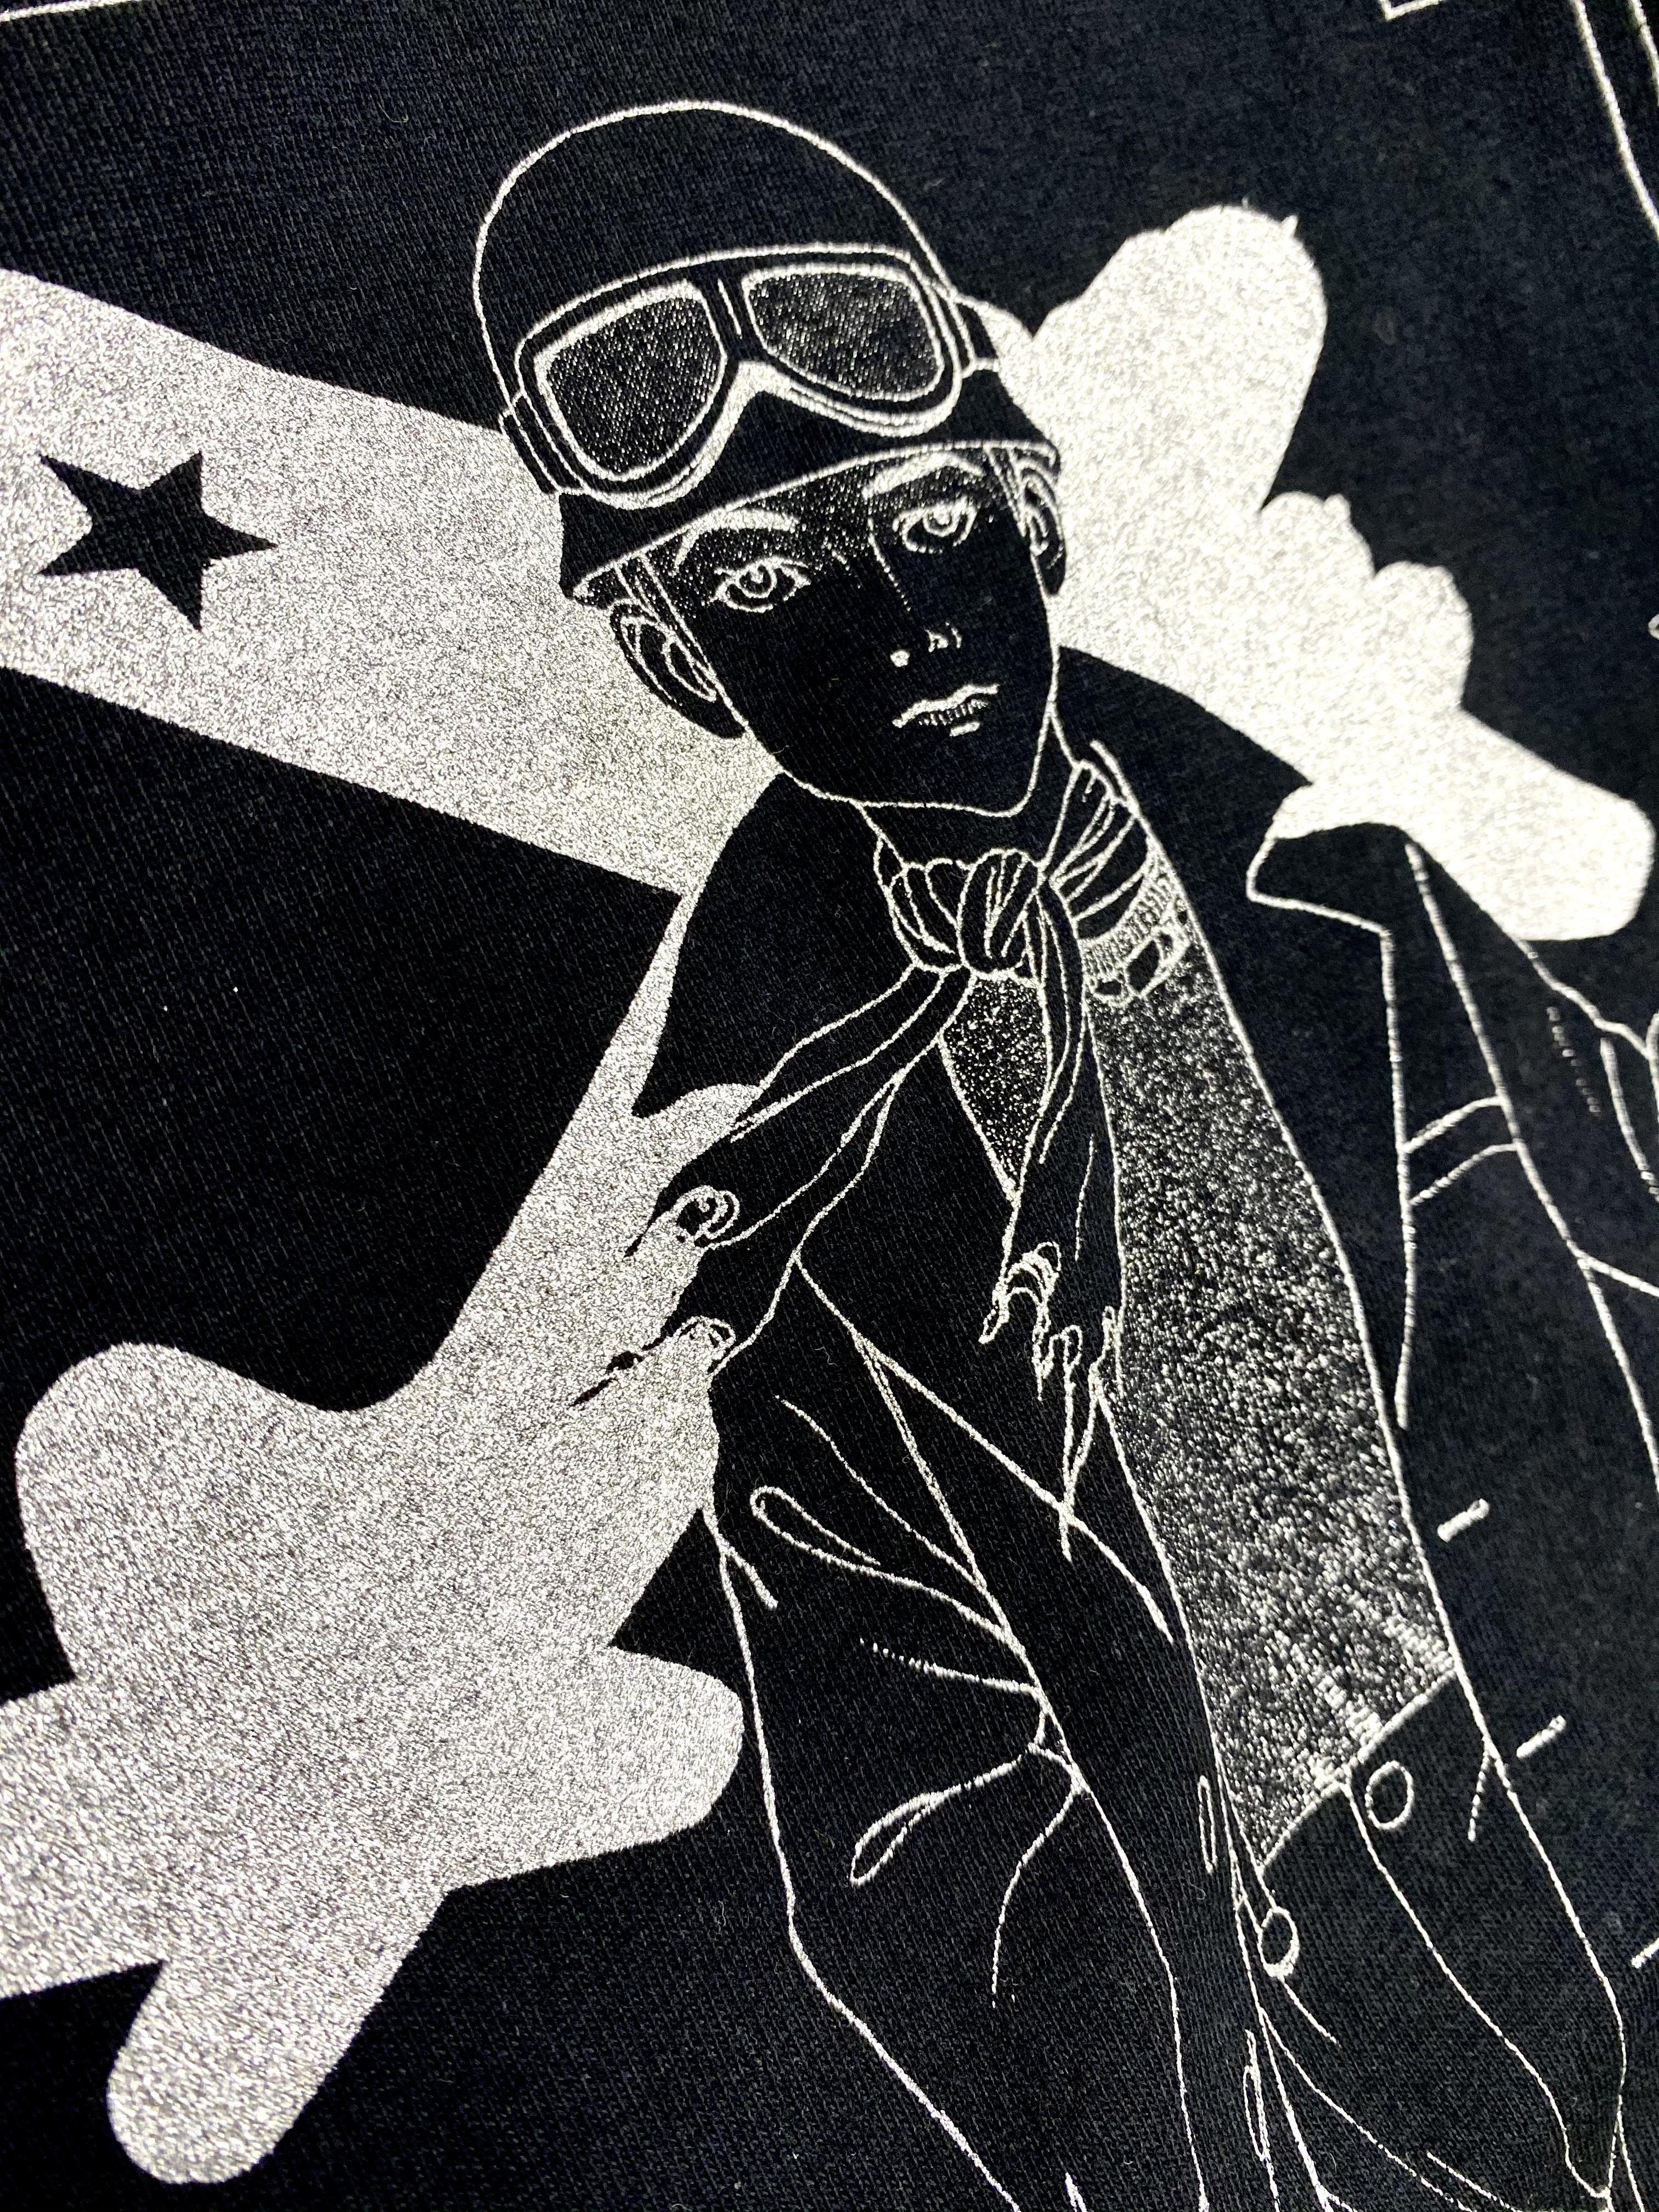 【ビーム25周年描き下ろし企画】丸尾末広「戦災バガボン」Tシャツ